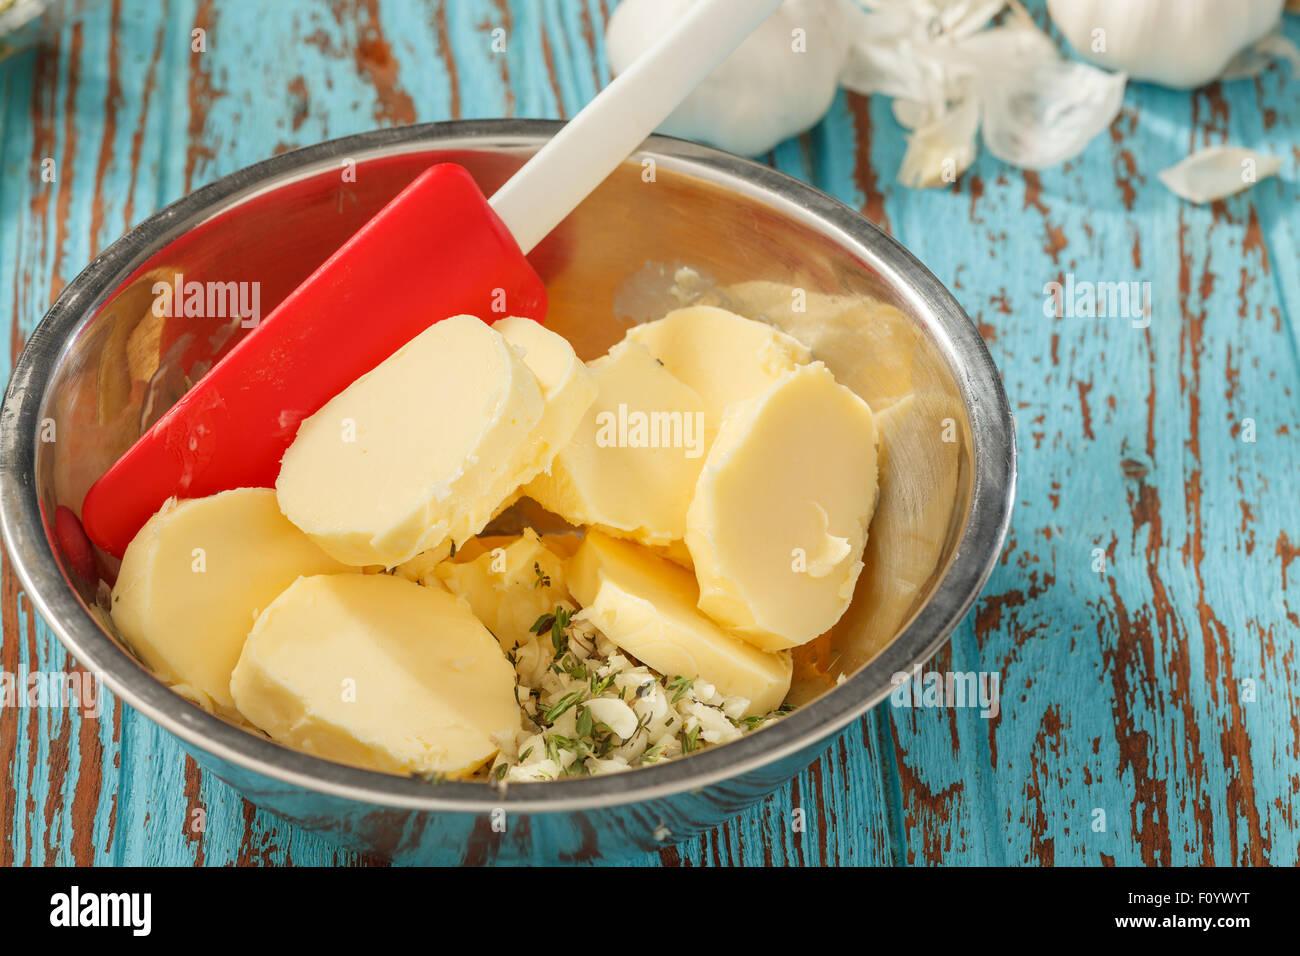 Compuesto de ingredientes de mantequilla de ajo cilantro hierba limón cebolla verde fresca comida italiana Imagen De Stock